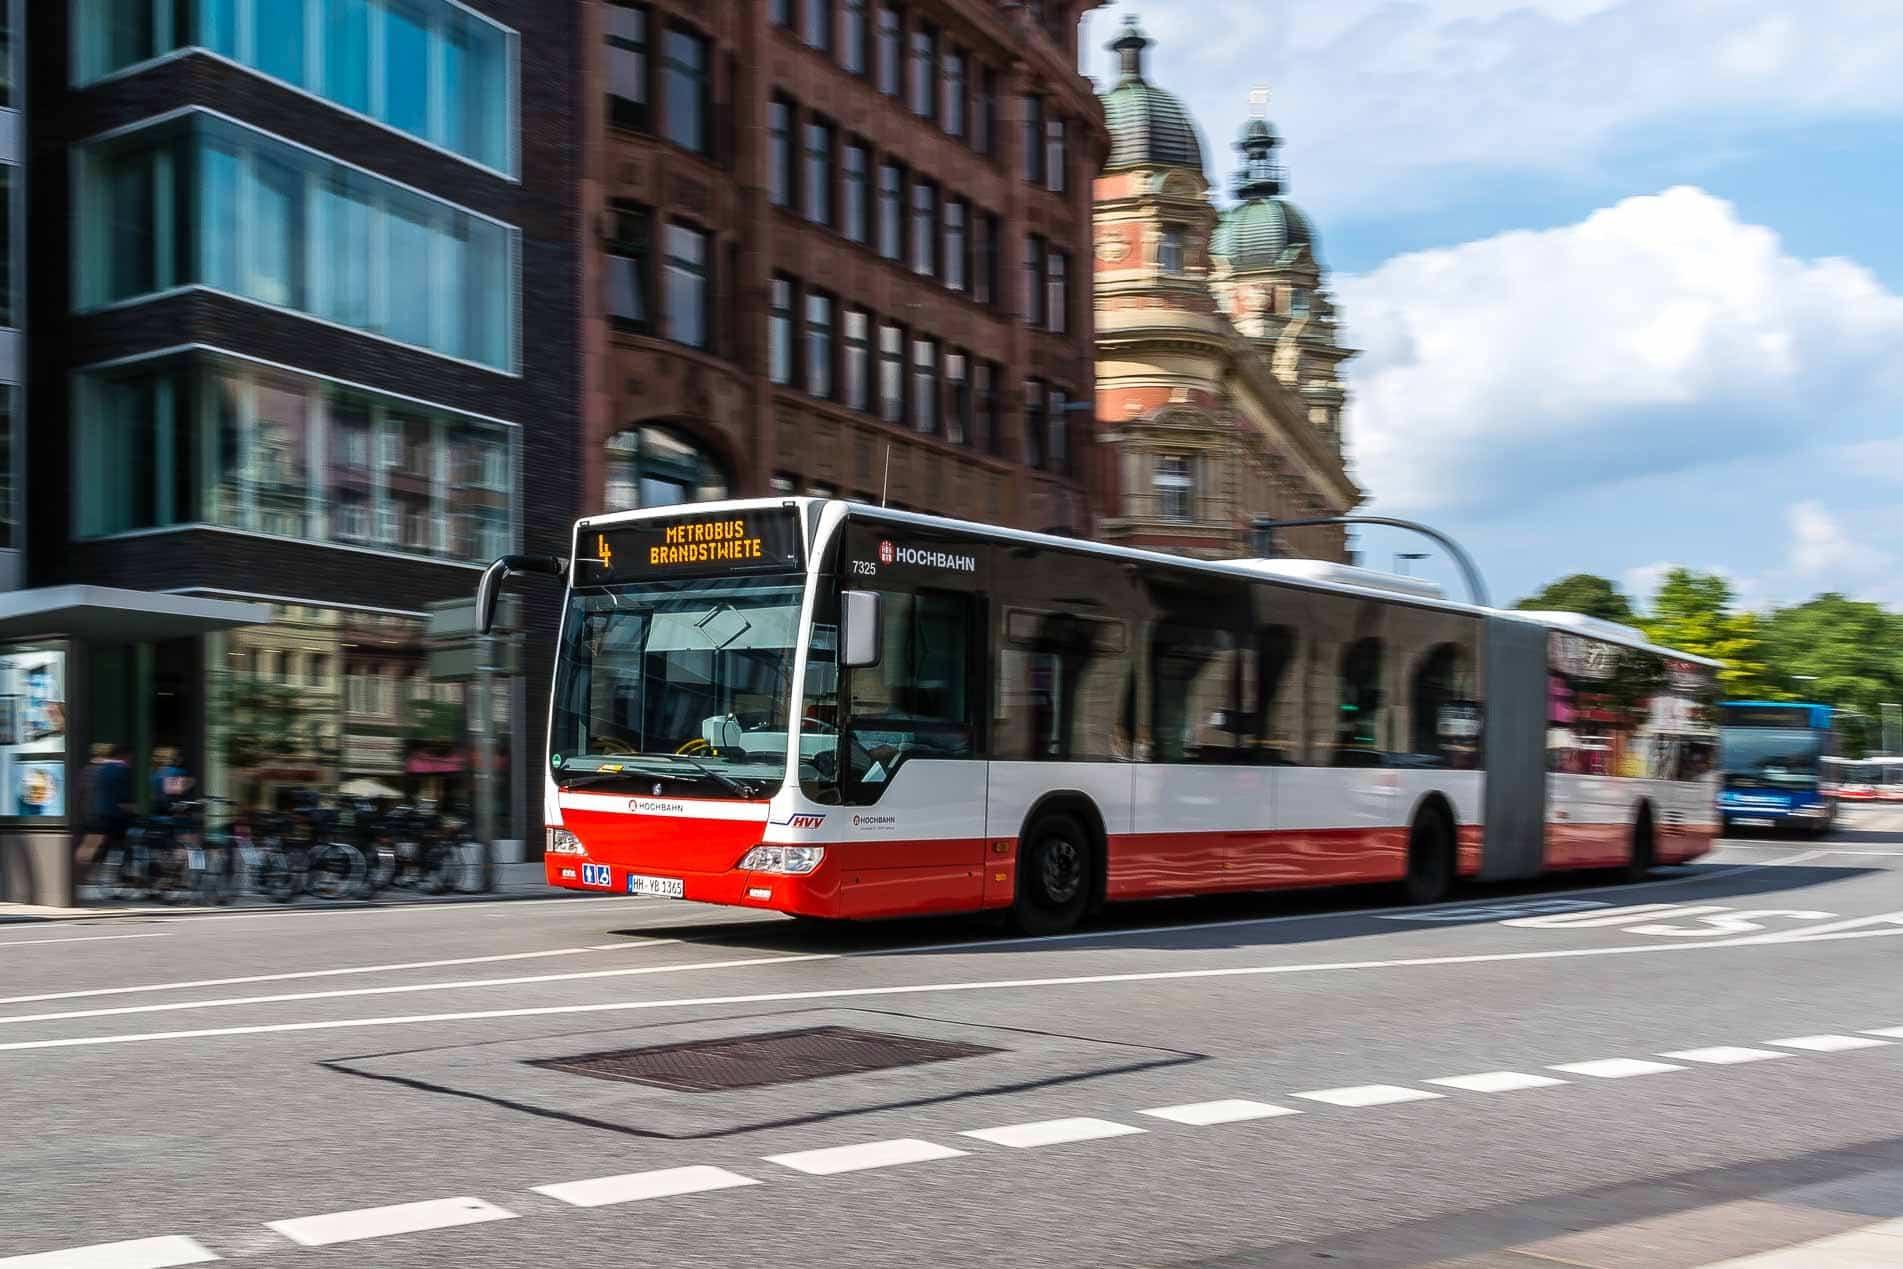 sommerferien hochbahn d nnt fahrplan auf 13 buslinien aus. Black Bedroom Furniture Sets. Home Design Ideas